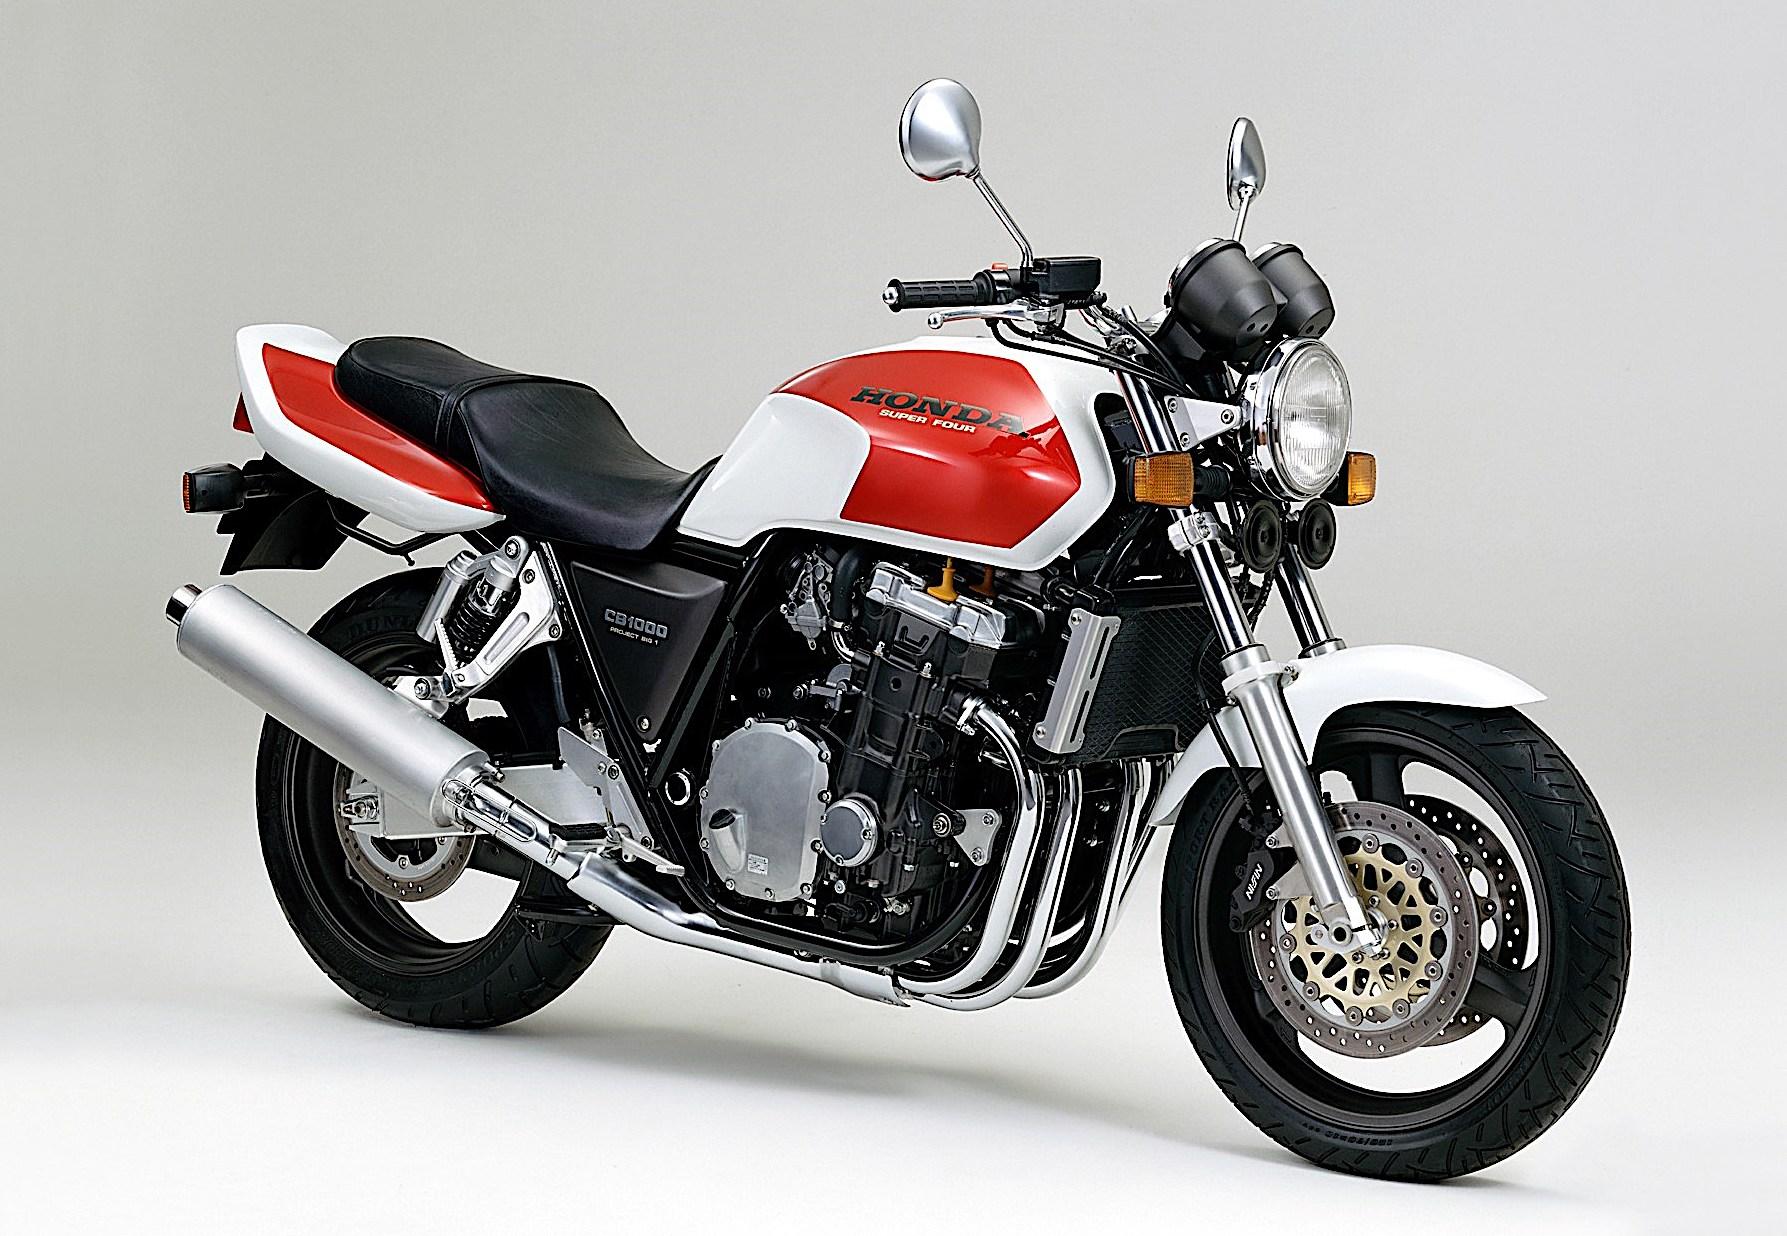 Os 4 Em Linha Honda Nos Ultimos 50 Anos Blog Honda Motos Artigos E Noticias De Motos Para Todos